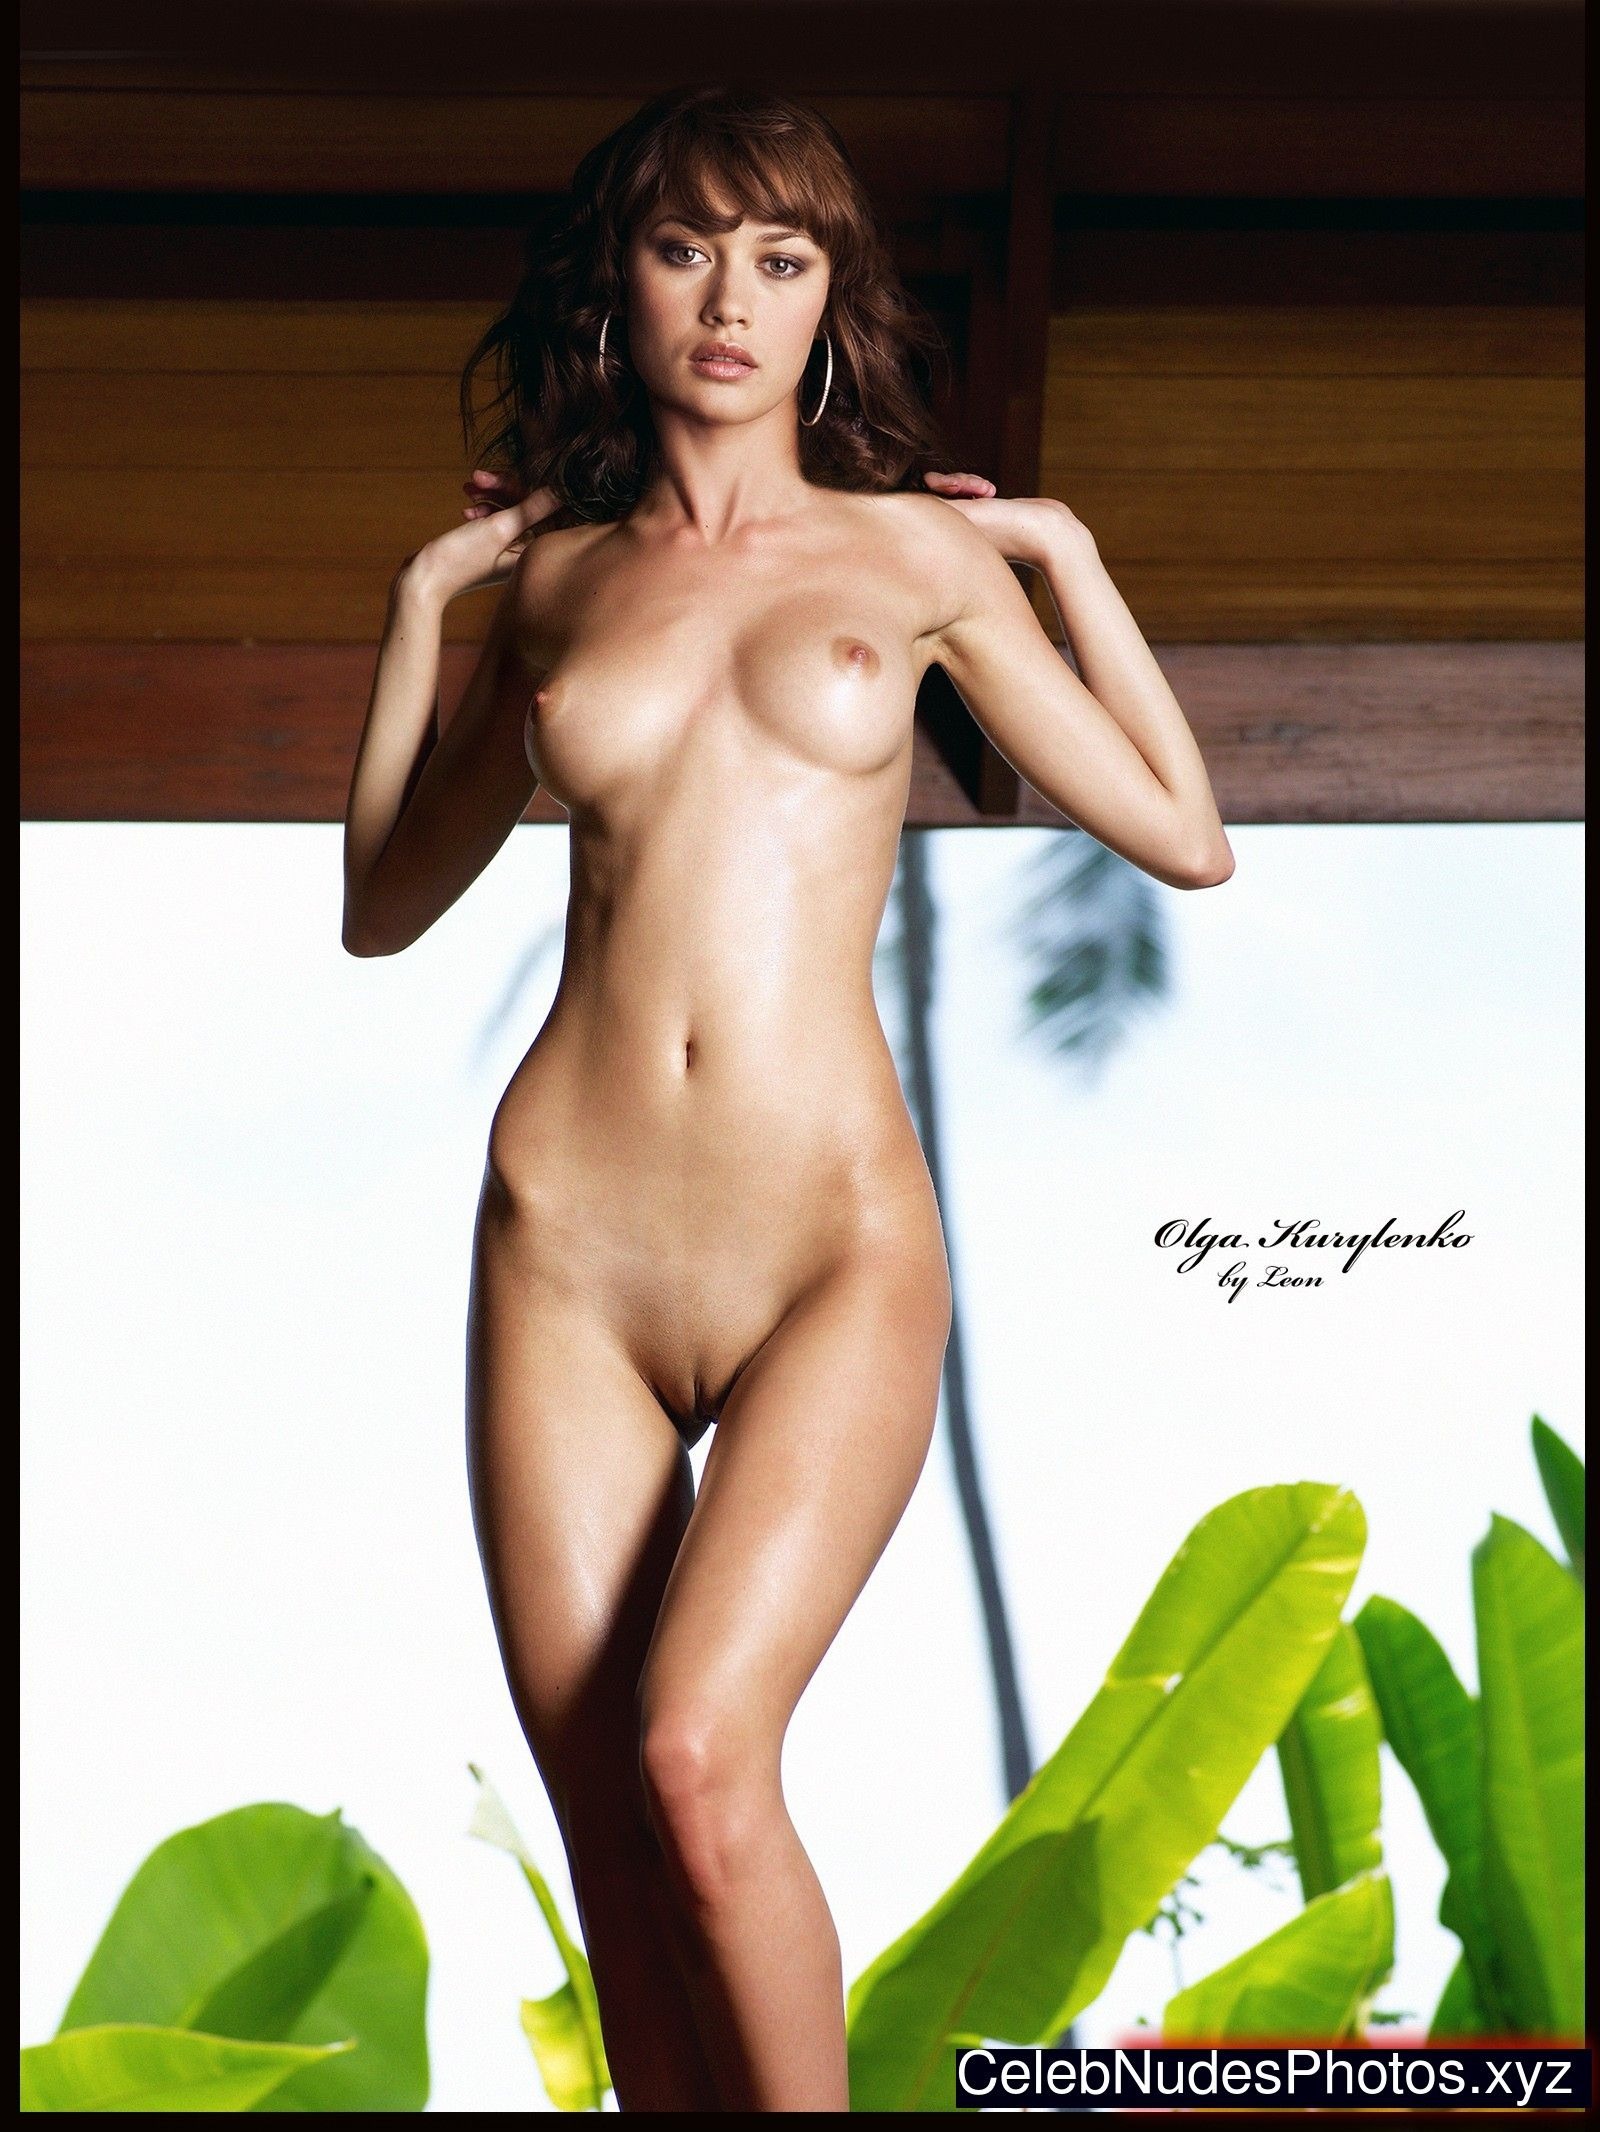 nackt Kurylenko Olga Celebrity Nude